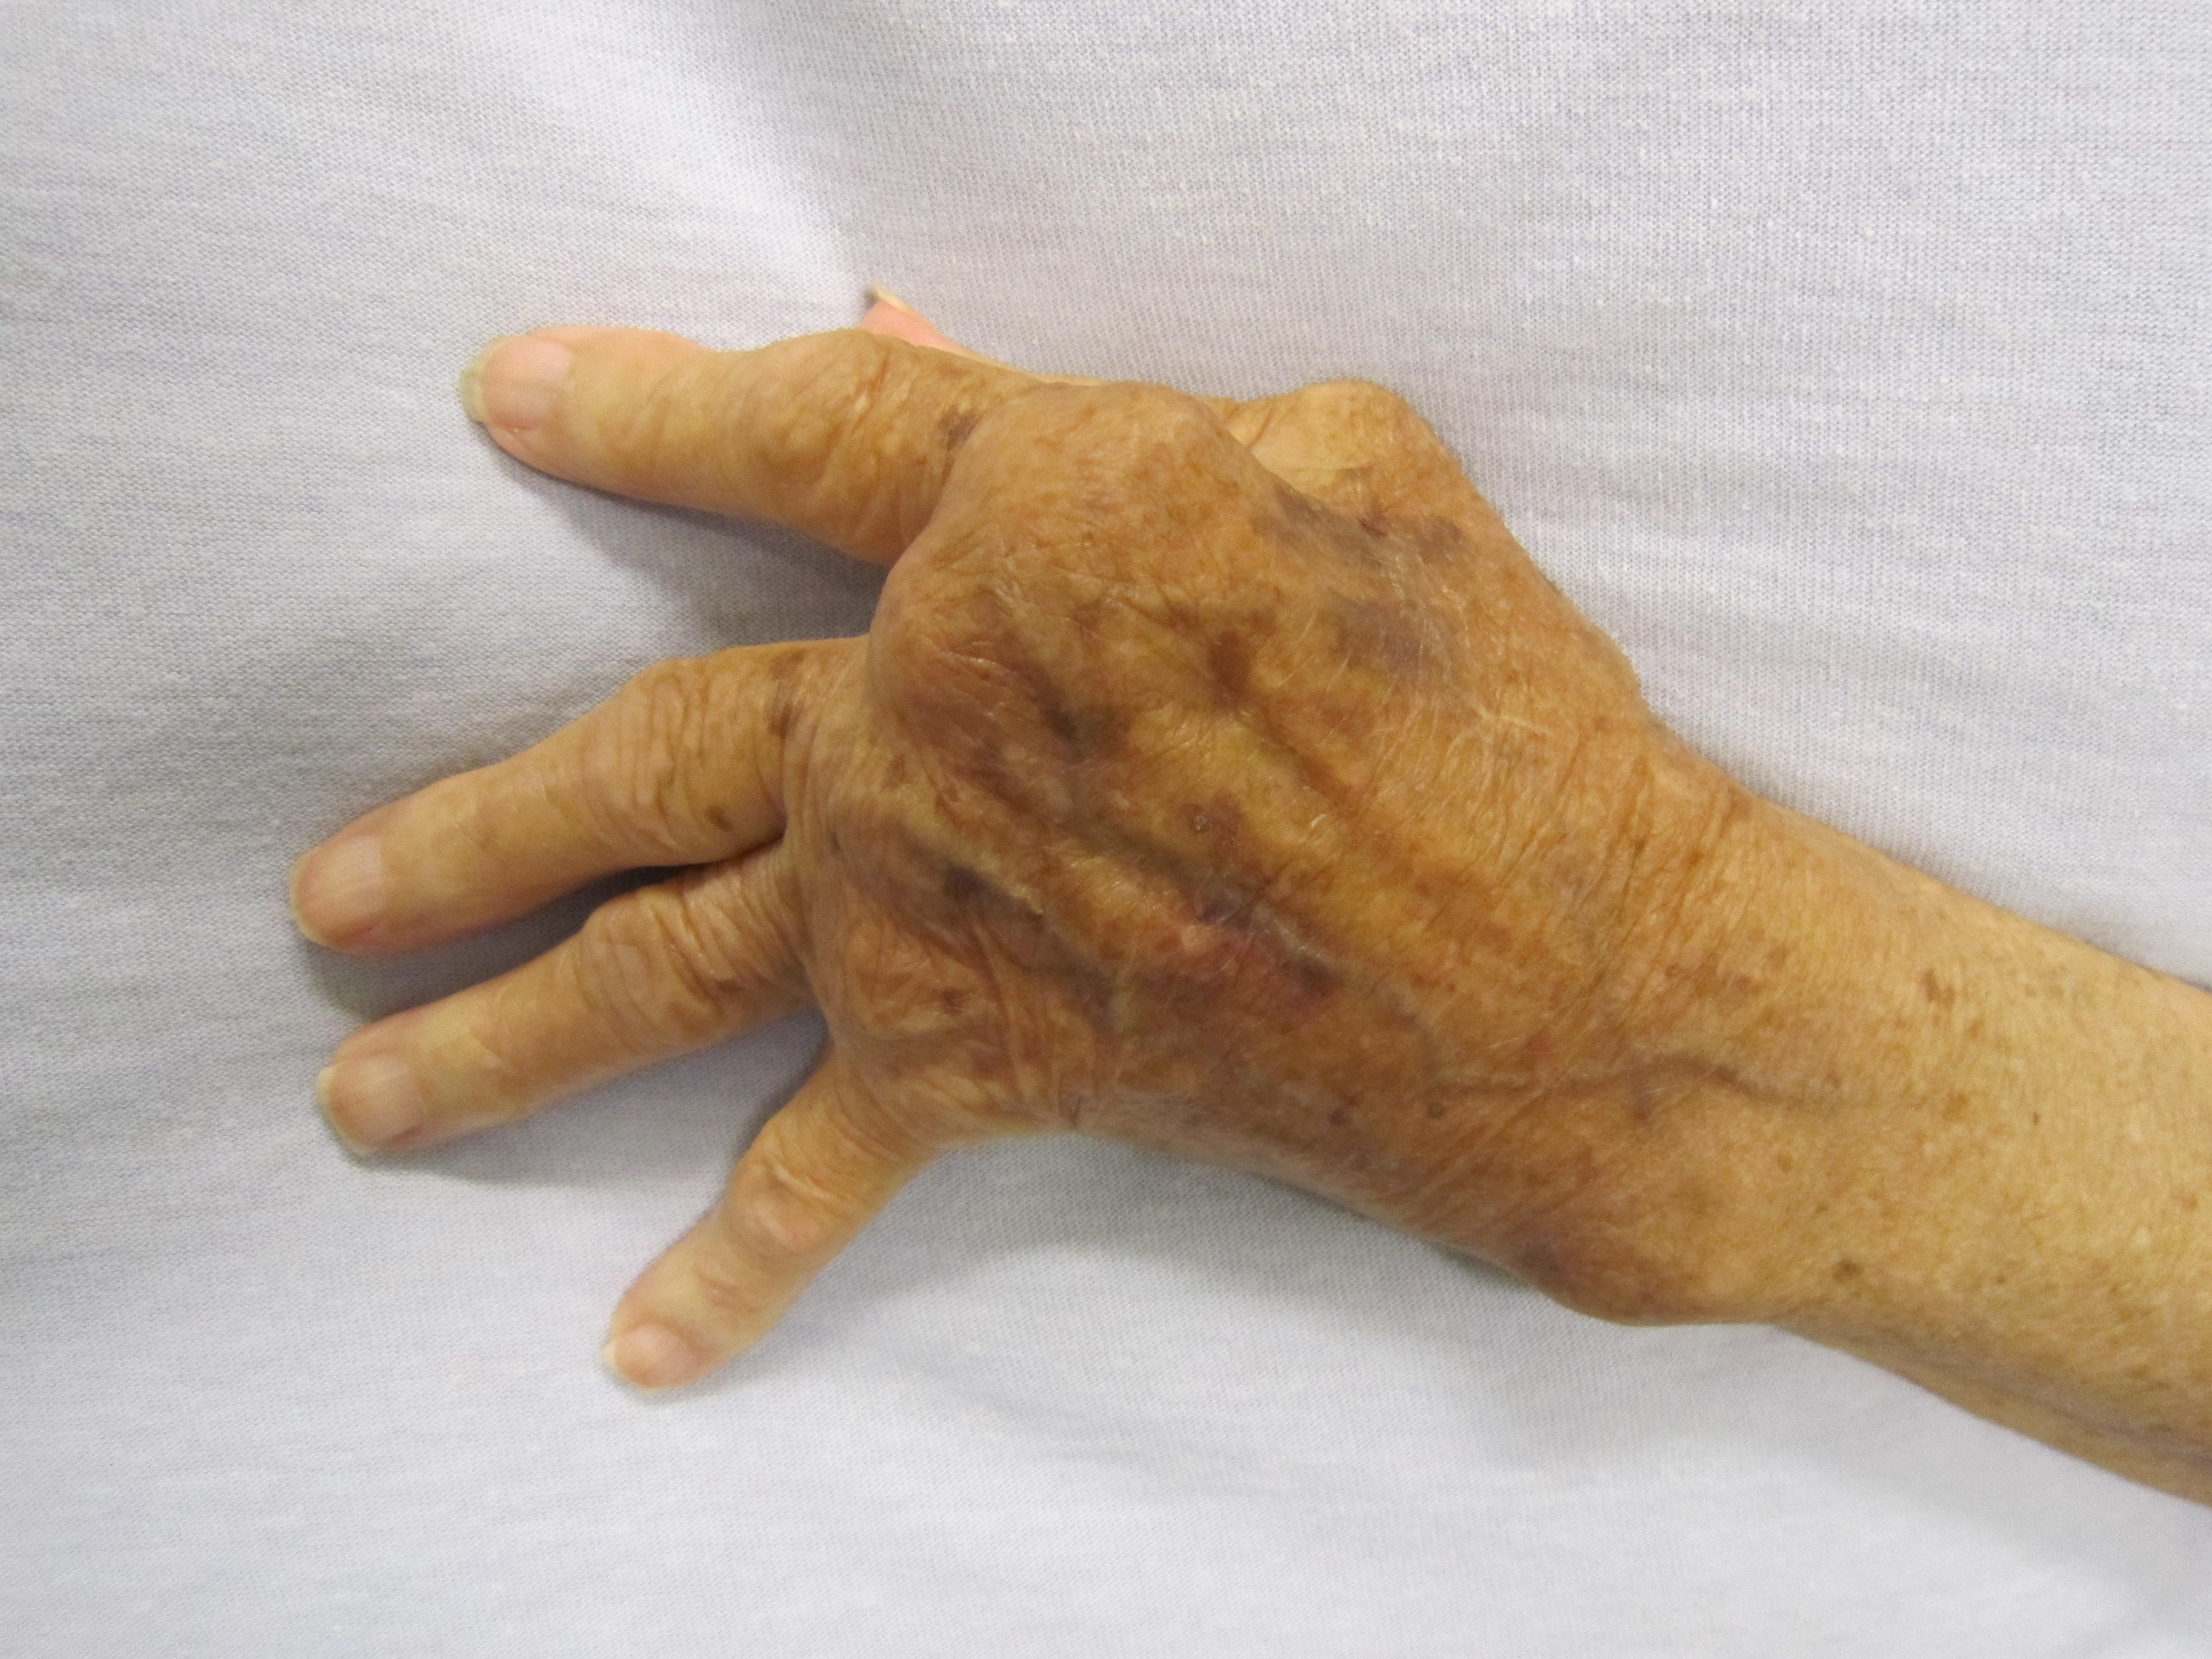 Csukló artritisz gyógyszeres kezelés - larafuggony.hu